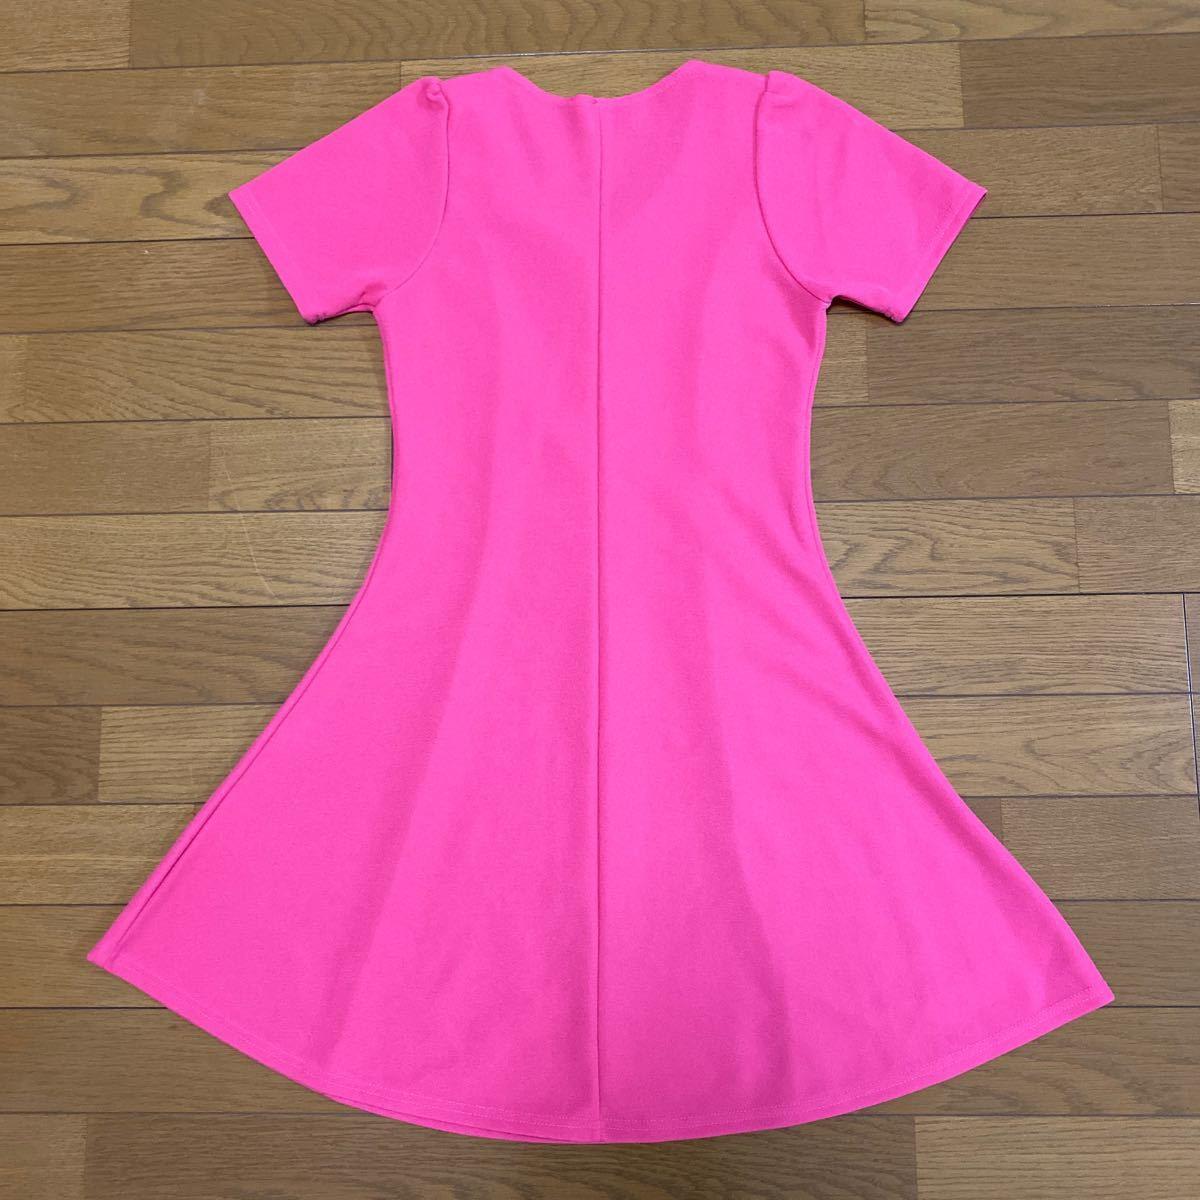 ワンピース ピンク ミニワンピース ドレス